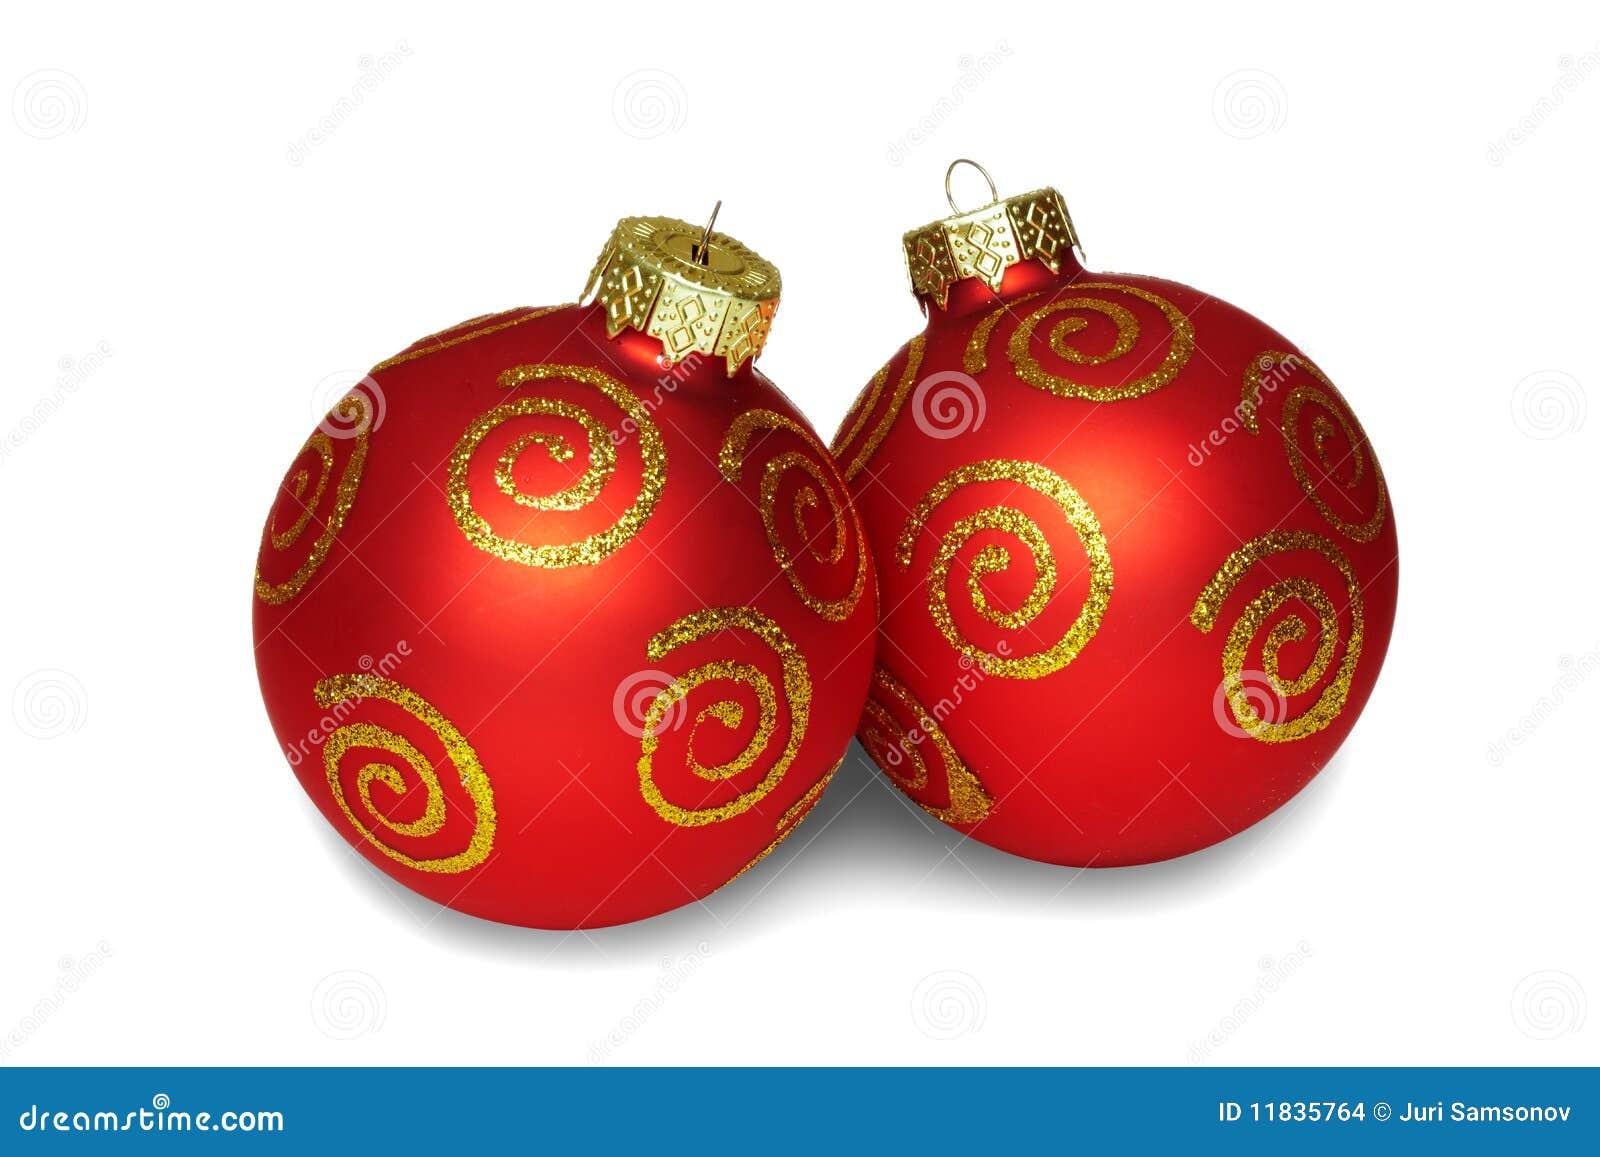 zwei rote kugeln weihnachten stockfoto bild 11835764. Black Bedroom Furniture Sets. Home Design Ideas